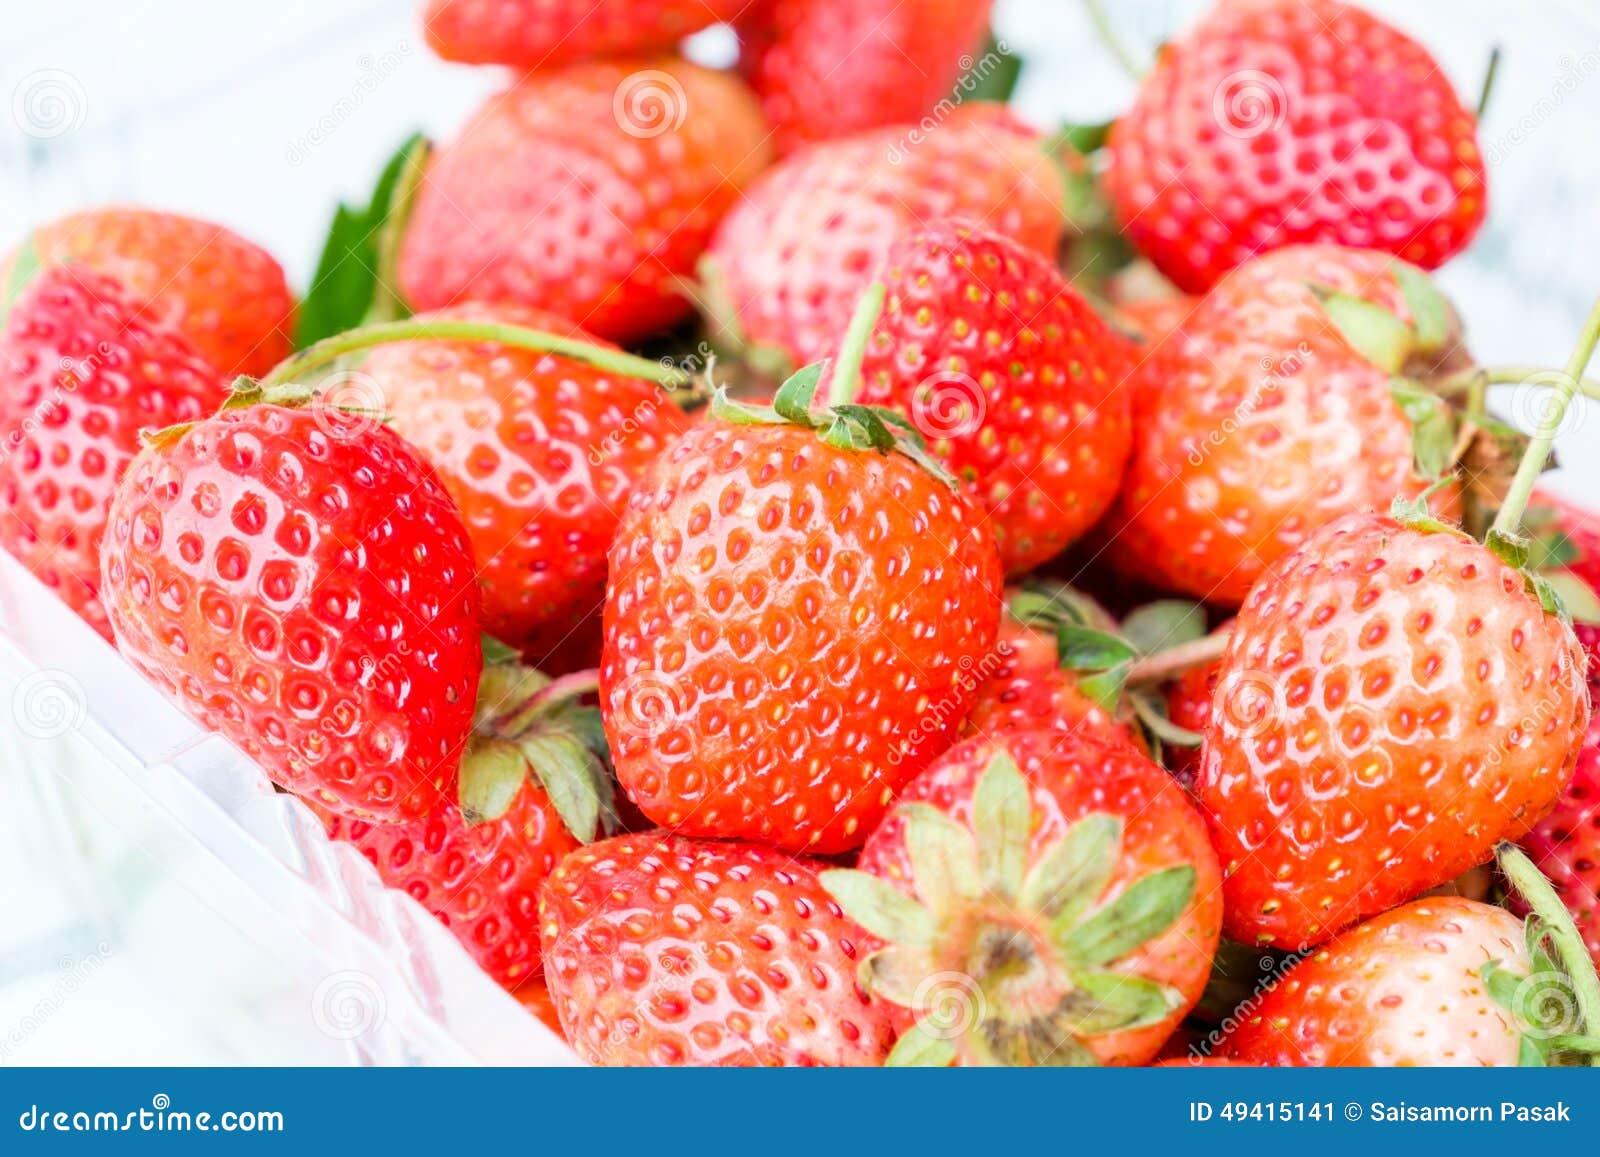 Download Frische Erdbeeren stockbild. Bild von gesund, plastik - 49415141